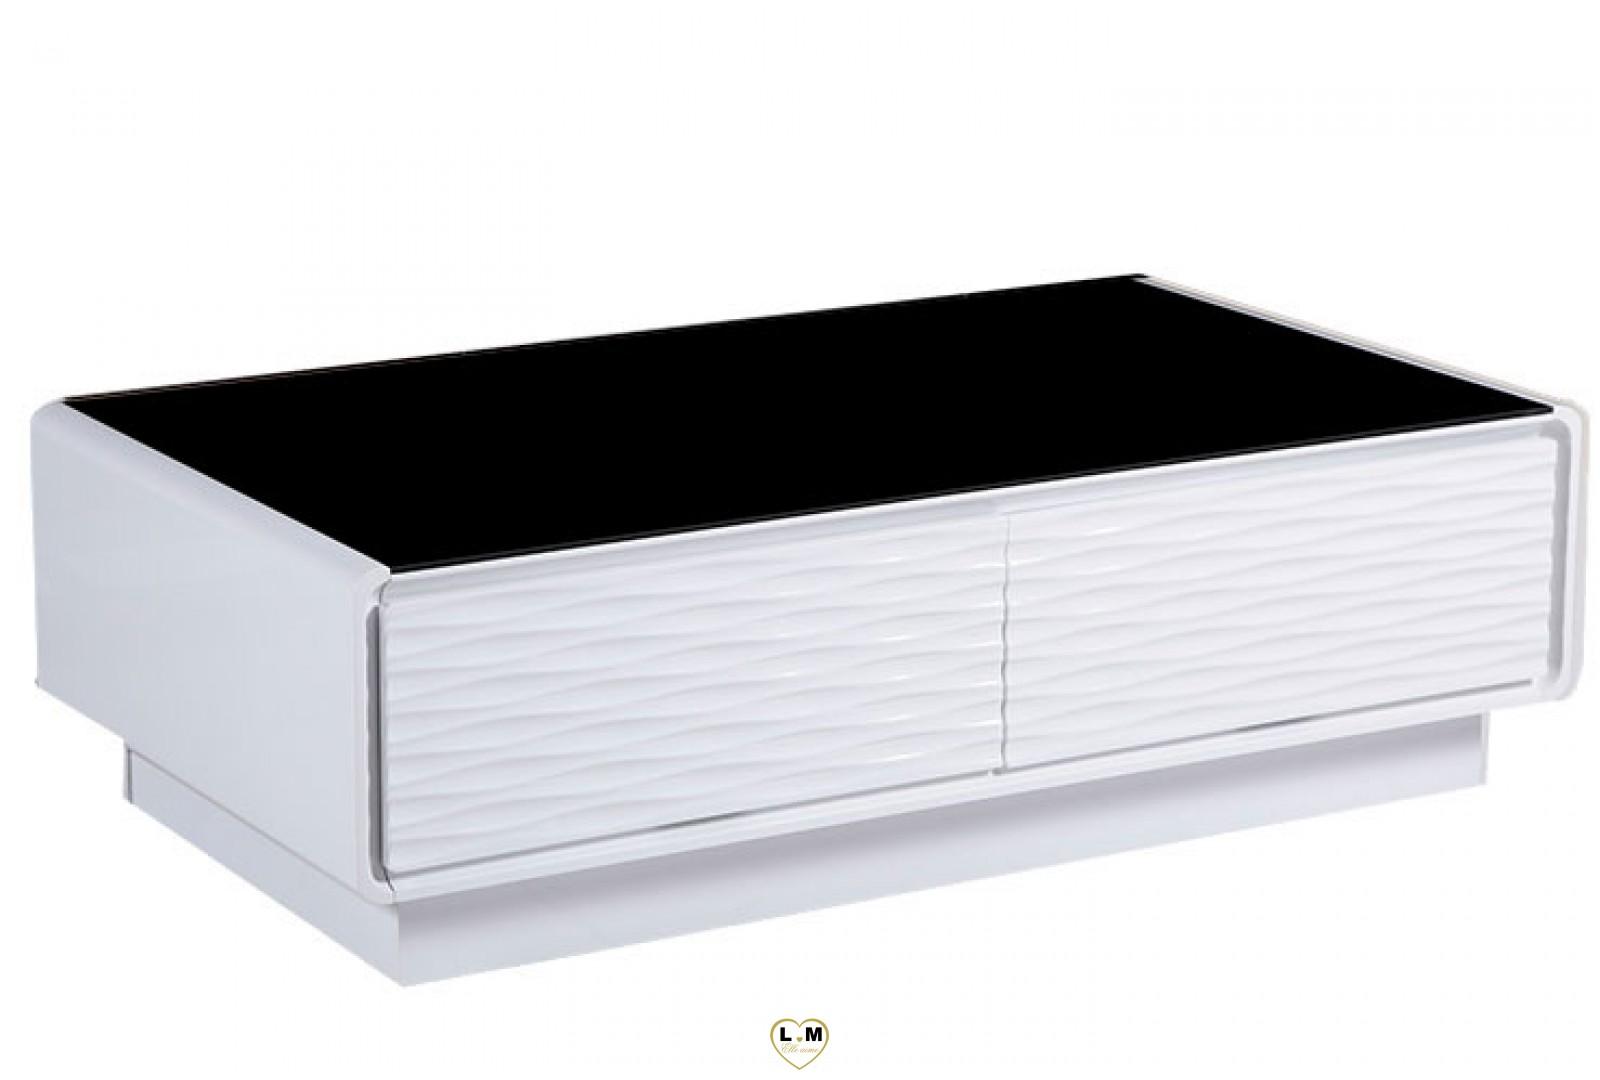 Tba118 table basse laque blanc verre noir lignemeuble com - Table basse noir laque ...